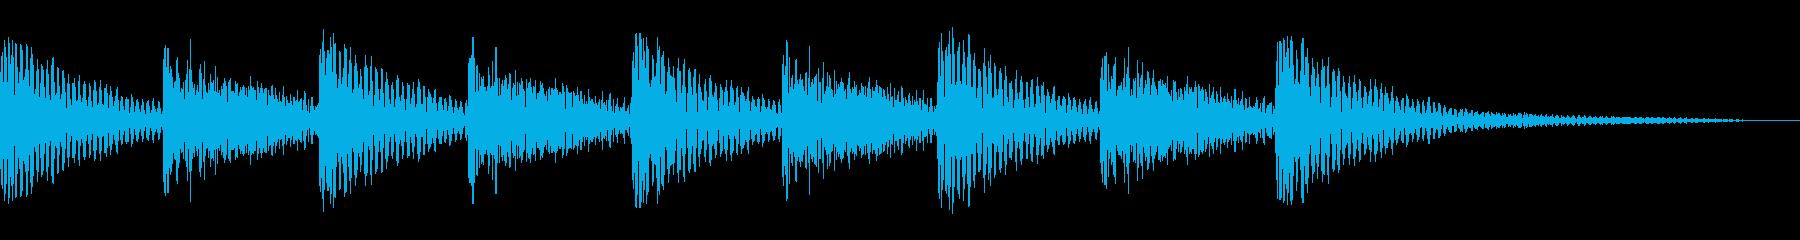 ティンパニ1エンディングの再生済みの波形